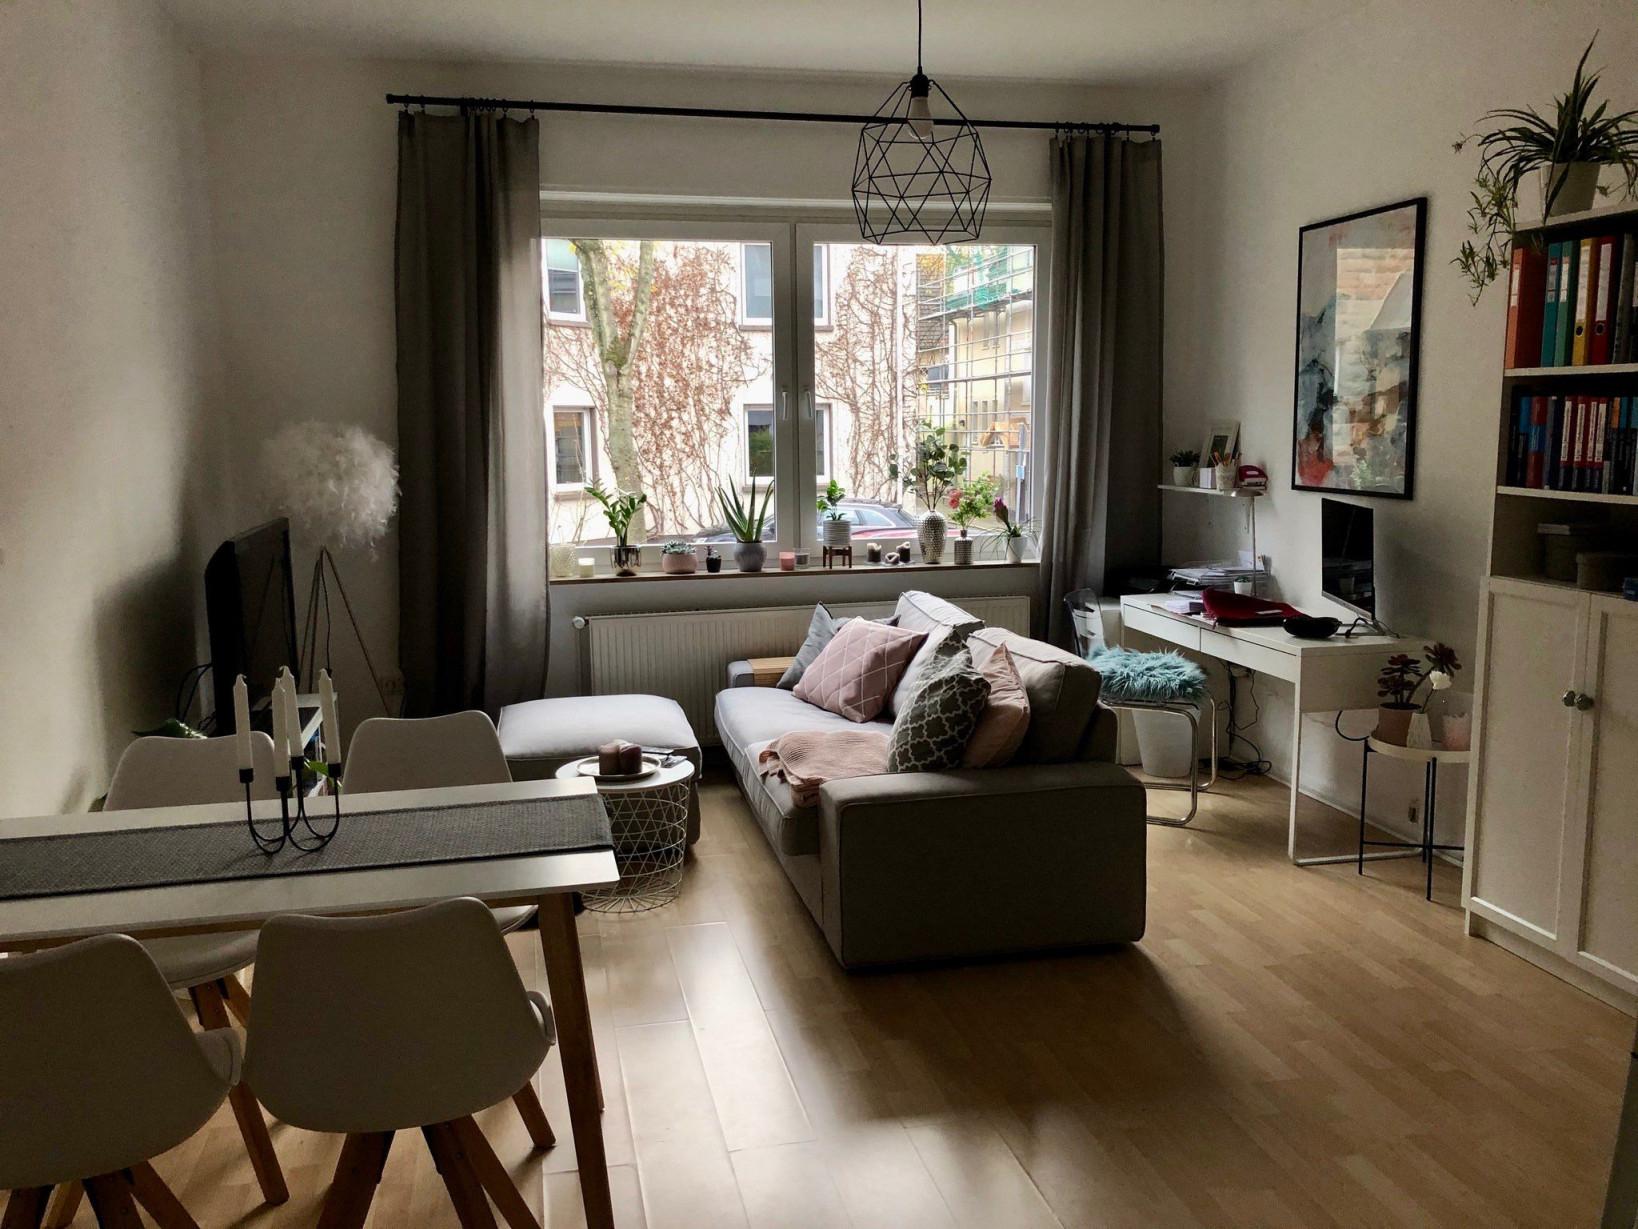 Schönes Wohn Und Esszimmer  Wohnung Innenarchitektur von Wohnzimmer Esszimmer Ideen Photo